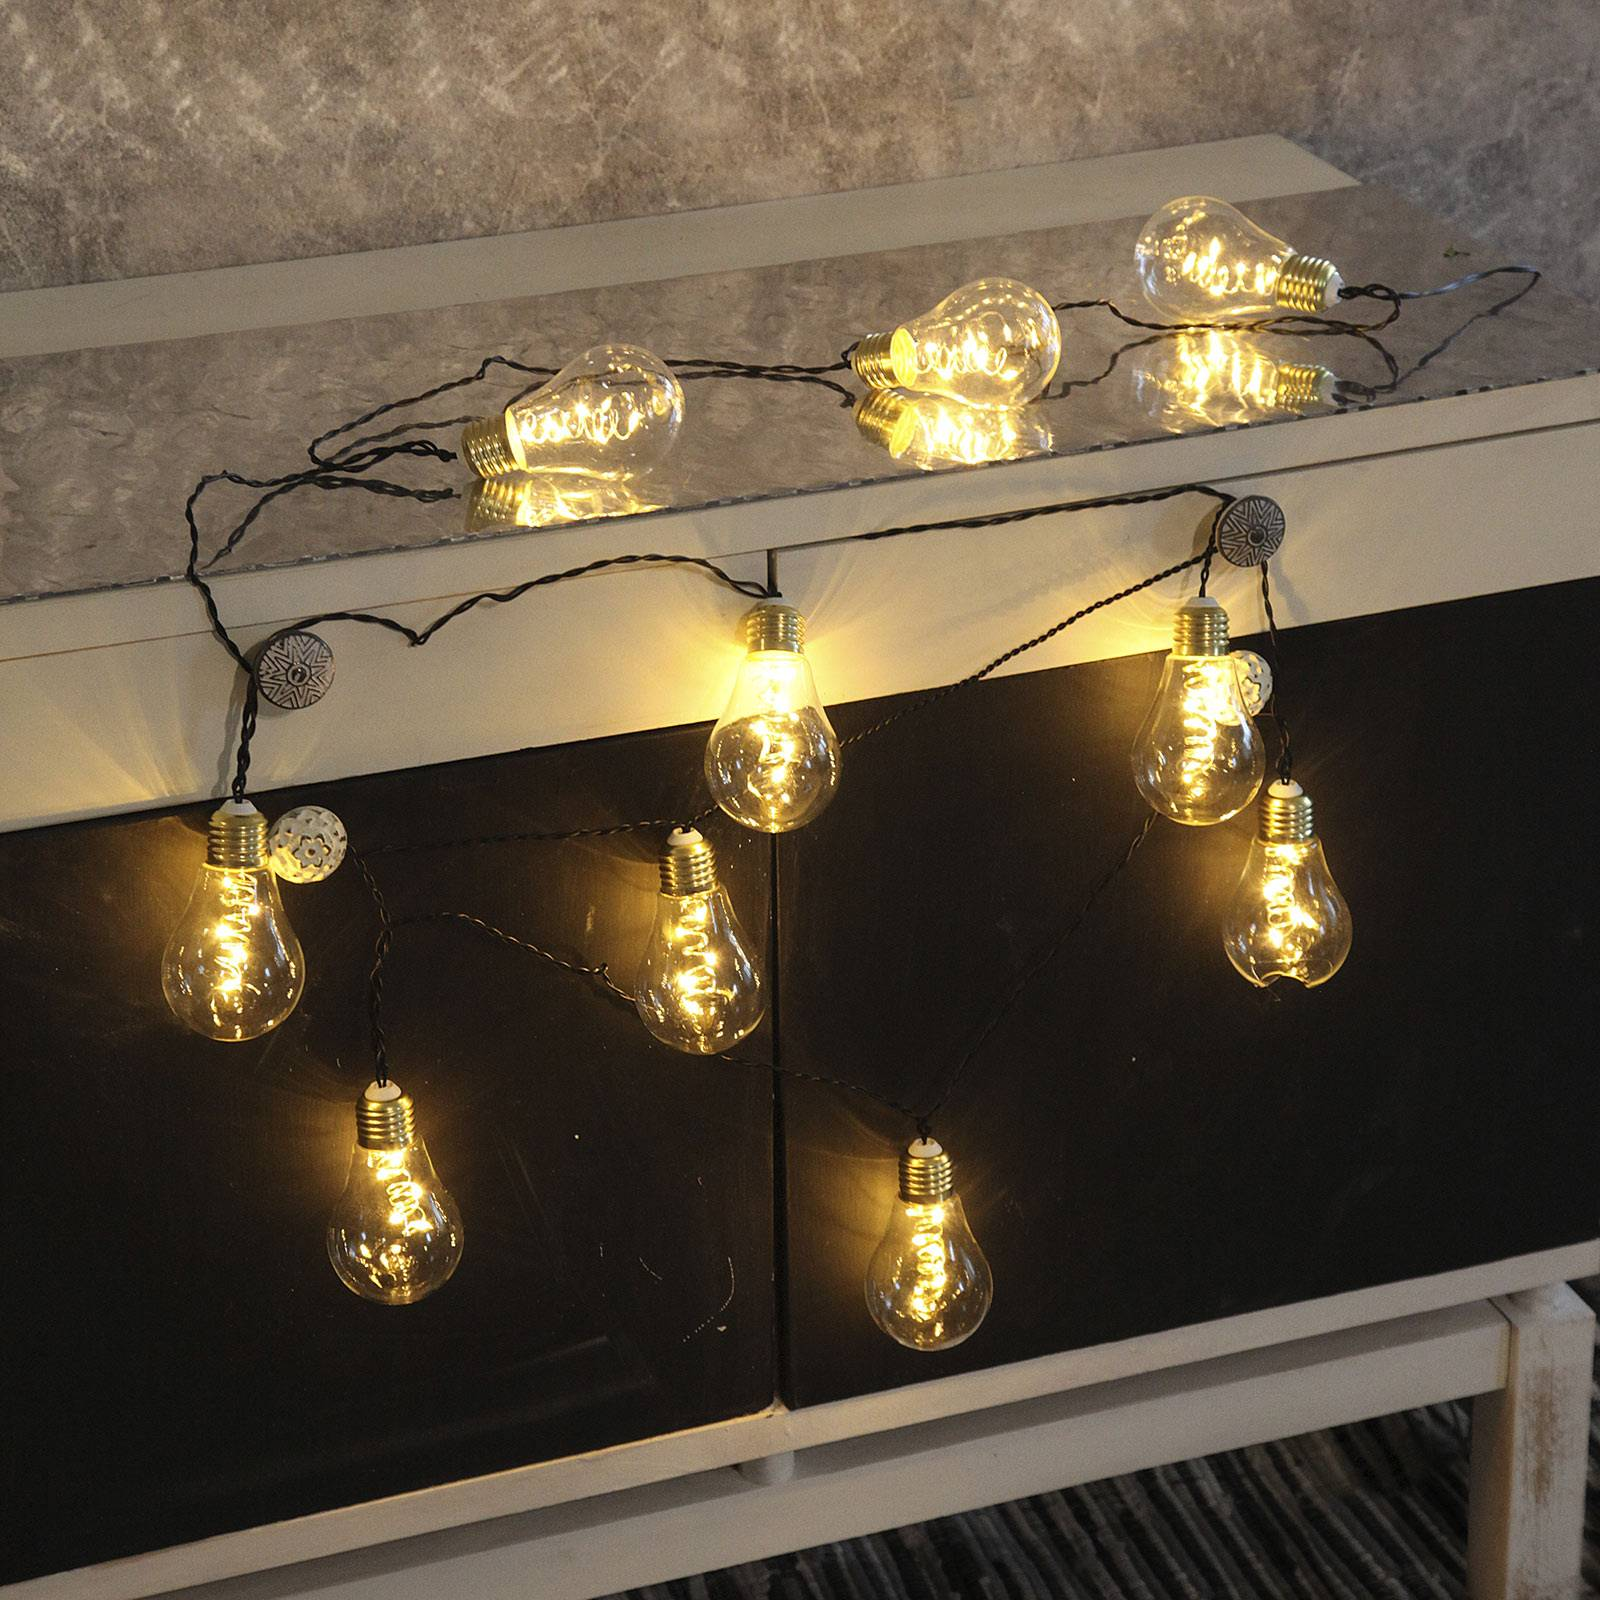 LED-valoketju Glow, lasi, valkoinen